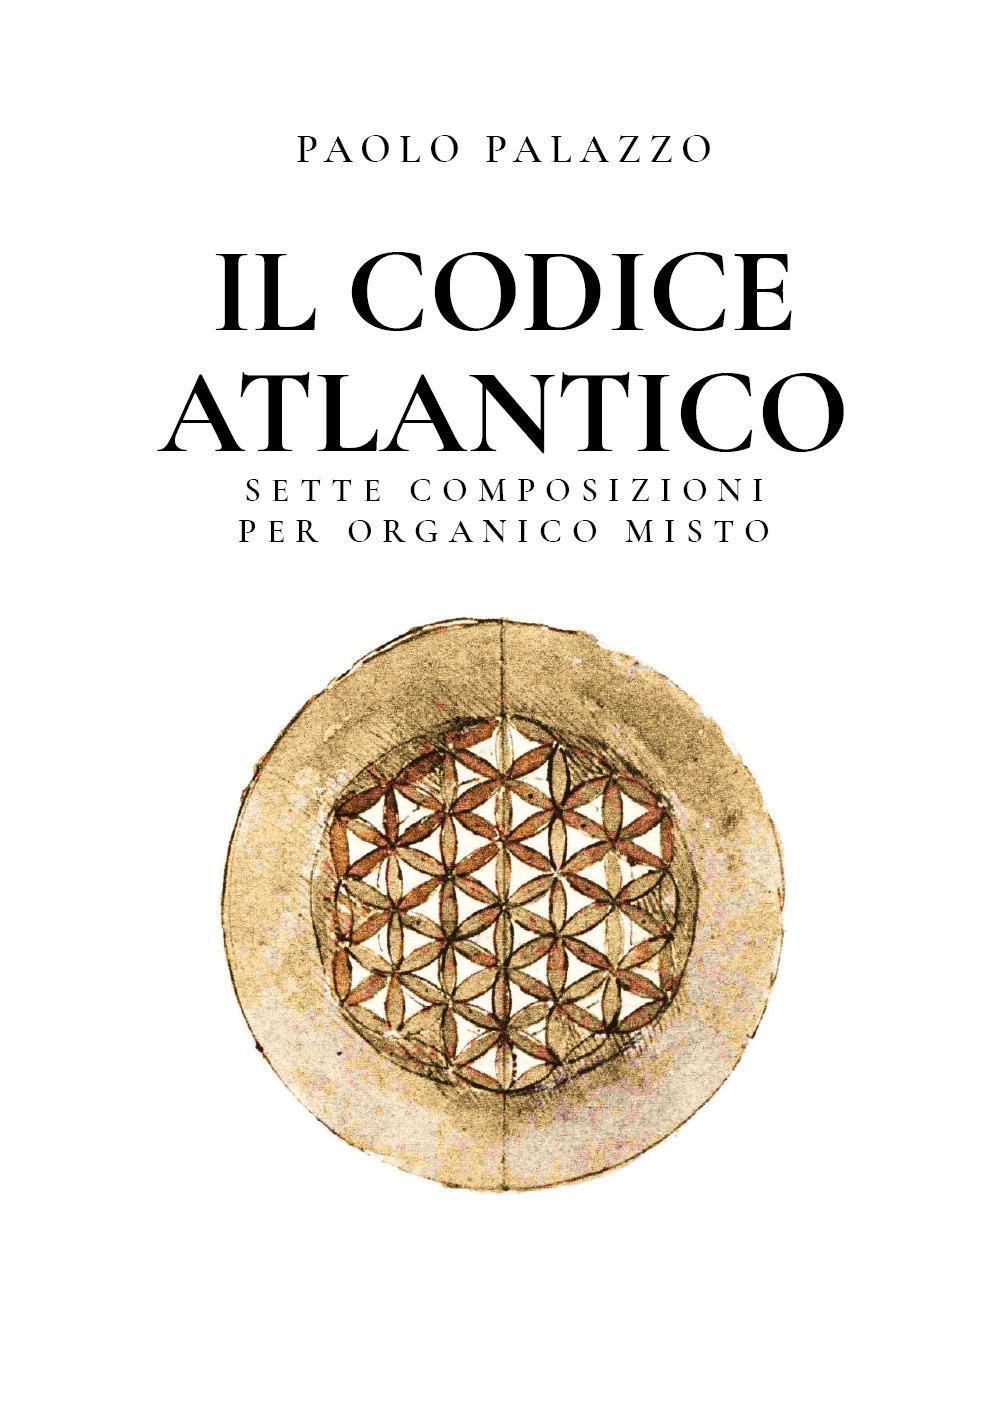 Il Codice Atlantico - Sette composizioni per organico misto